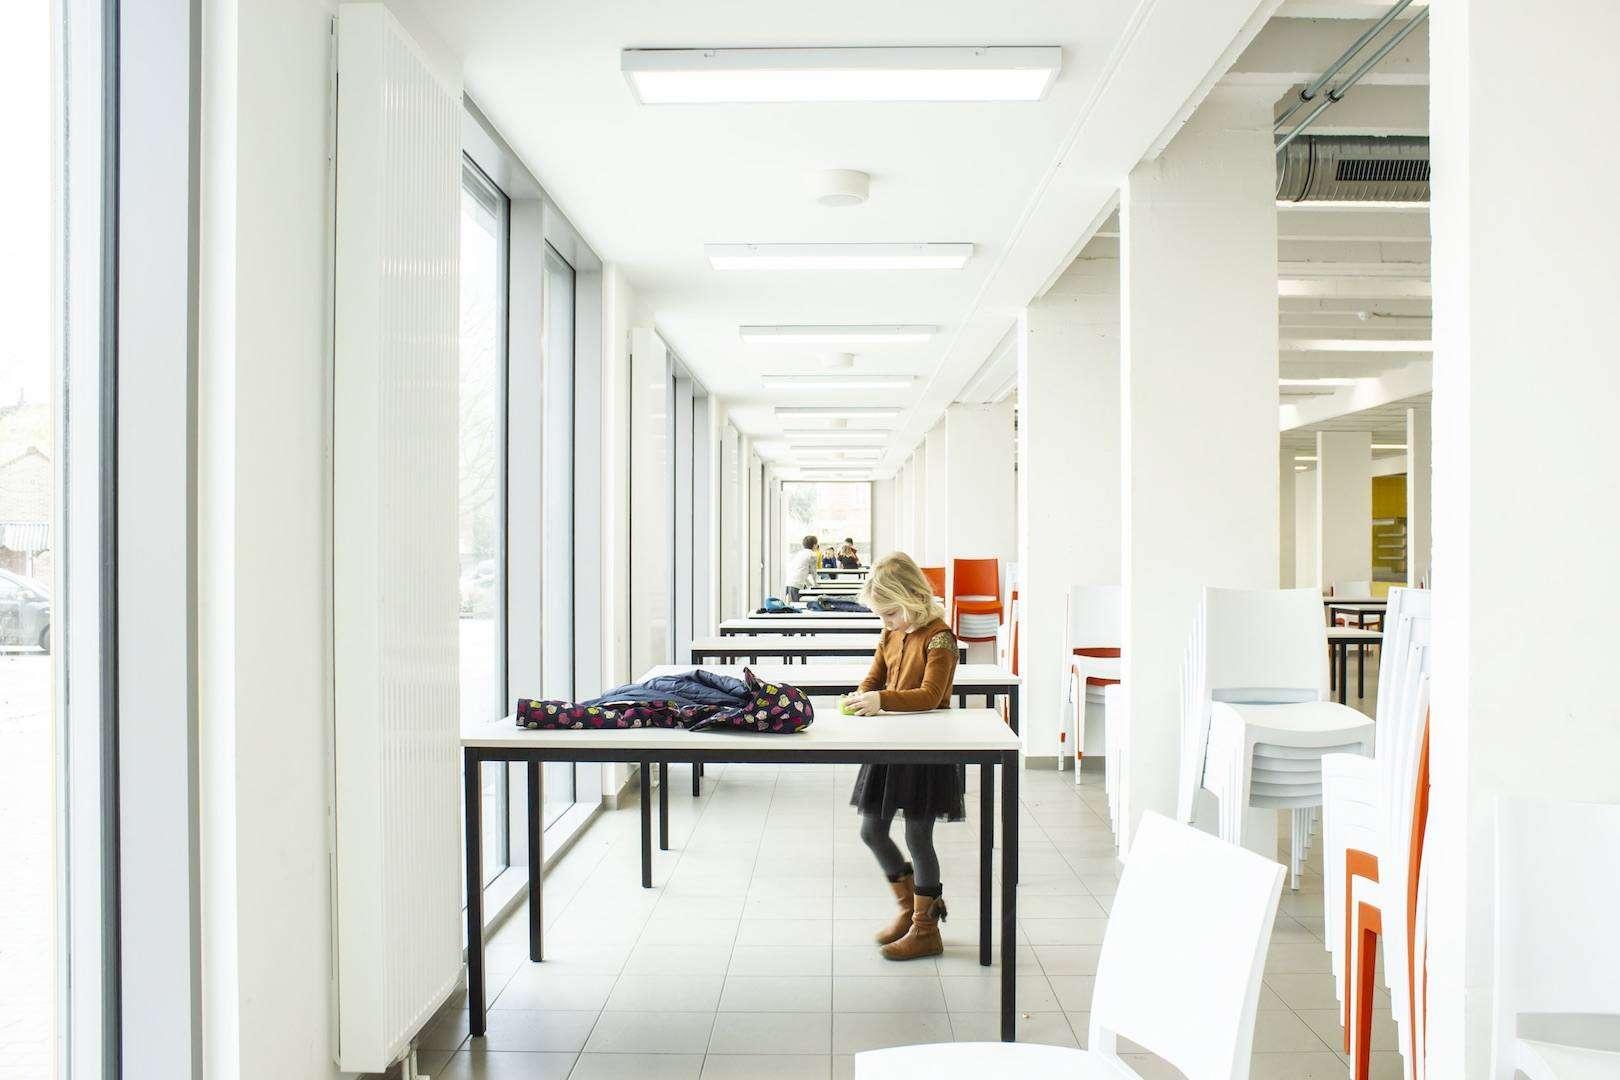 lucerna college gent <span>2016, gent, school</span>